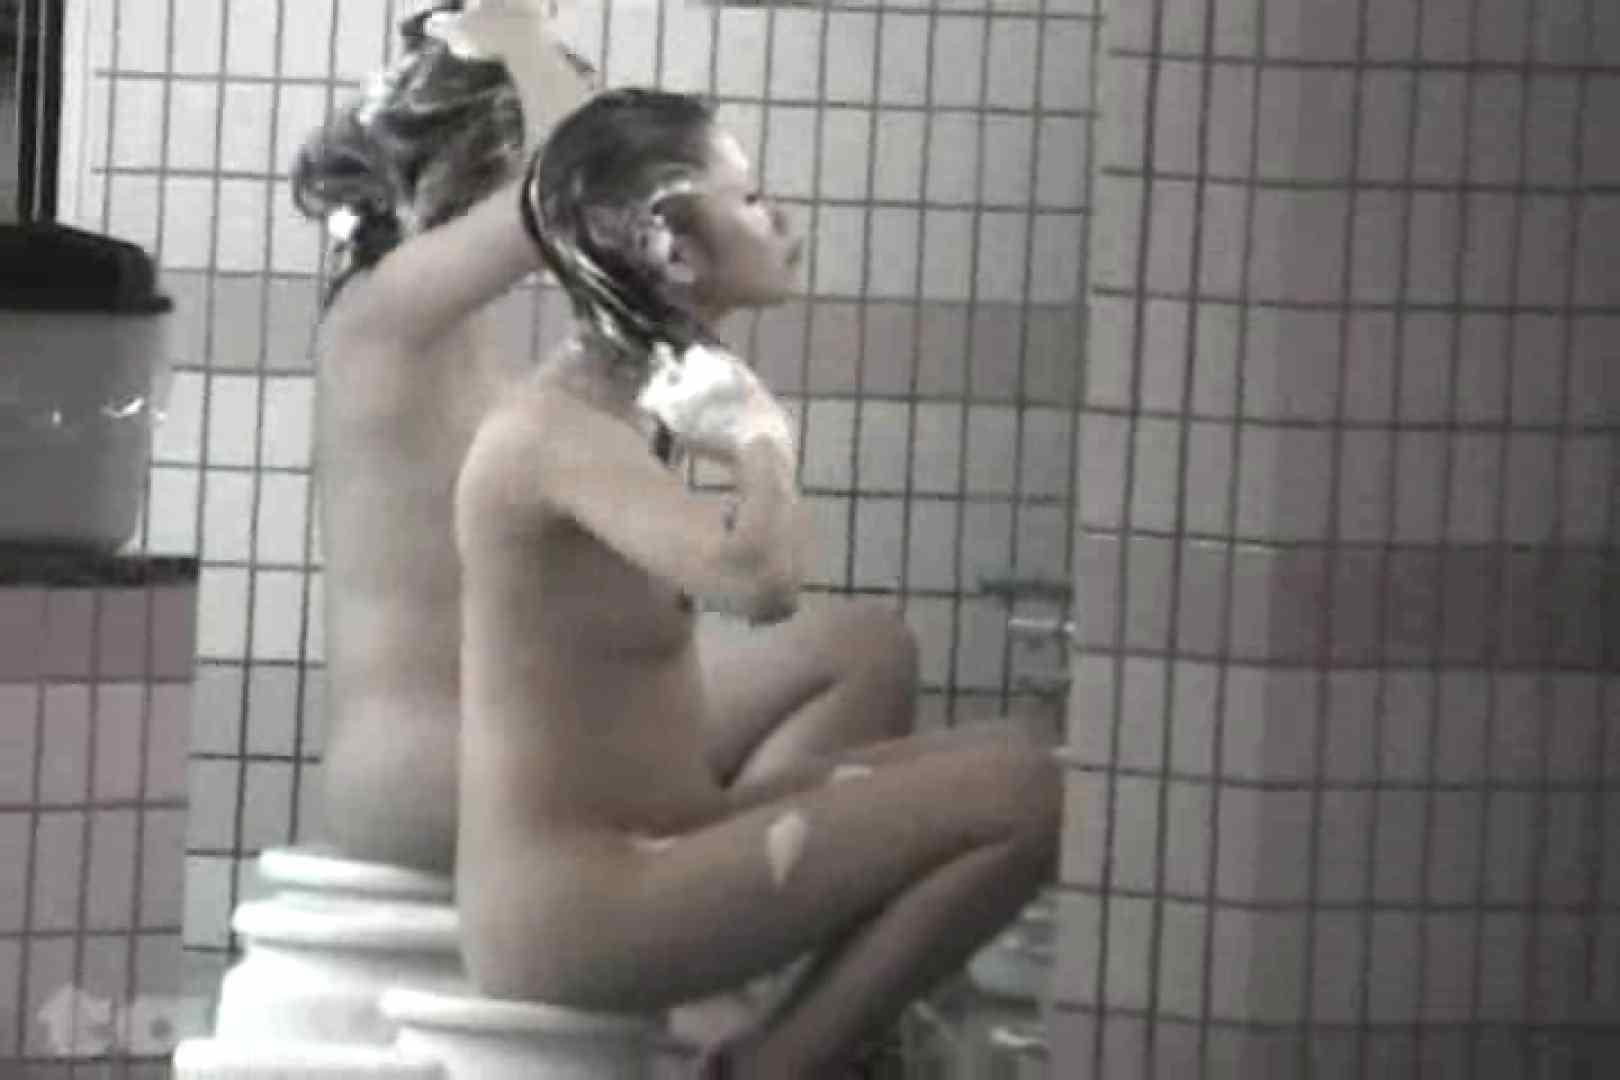 合宿ホテル女風呂盗撮高画質版 Vol.10 盗撮で悶絶 おまんこ動画流出 58画像 38